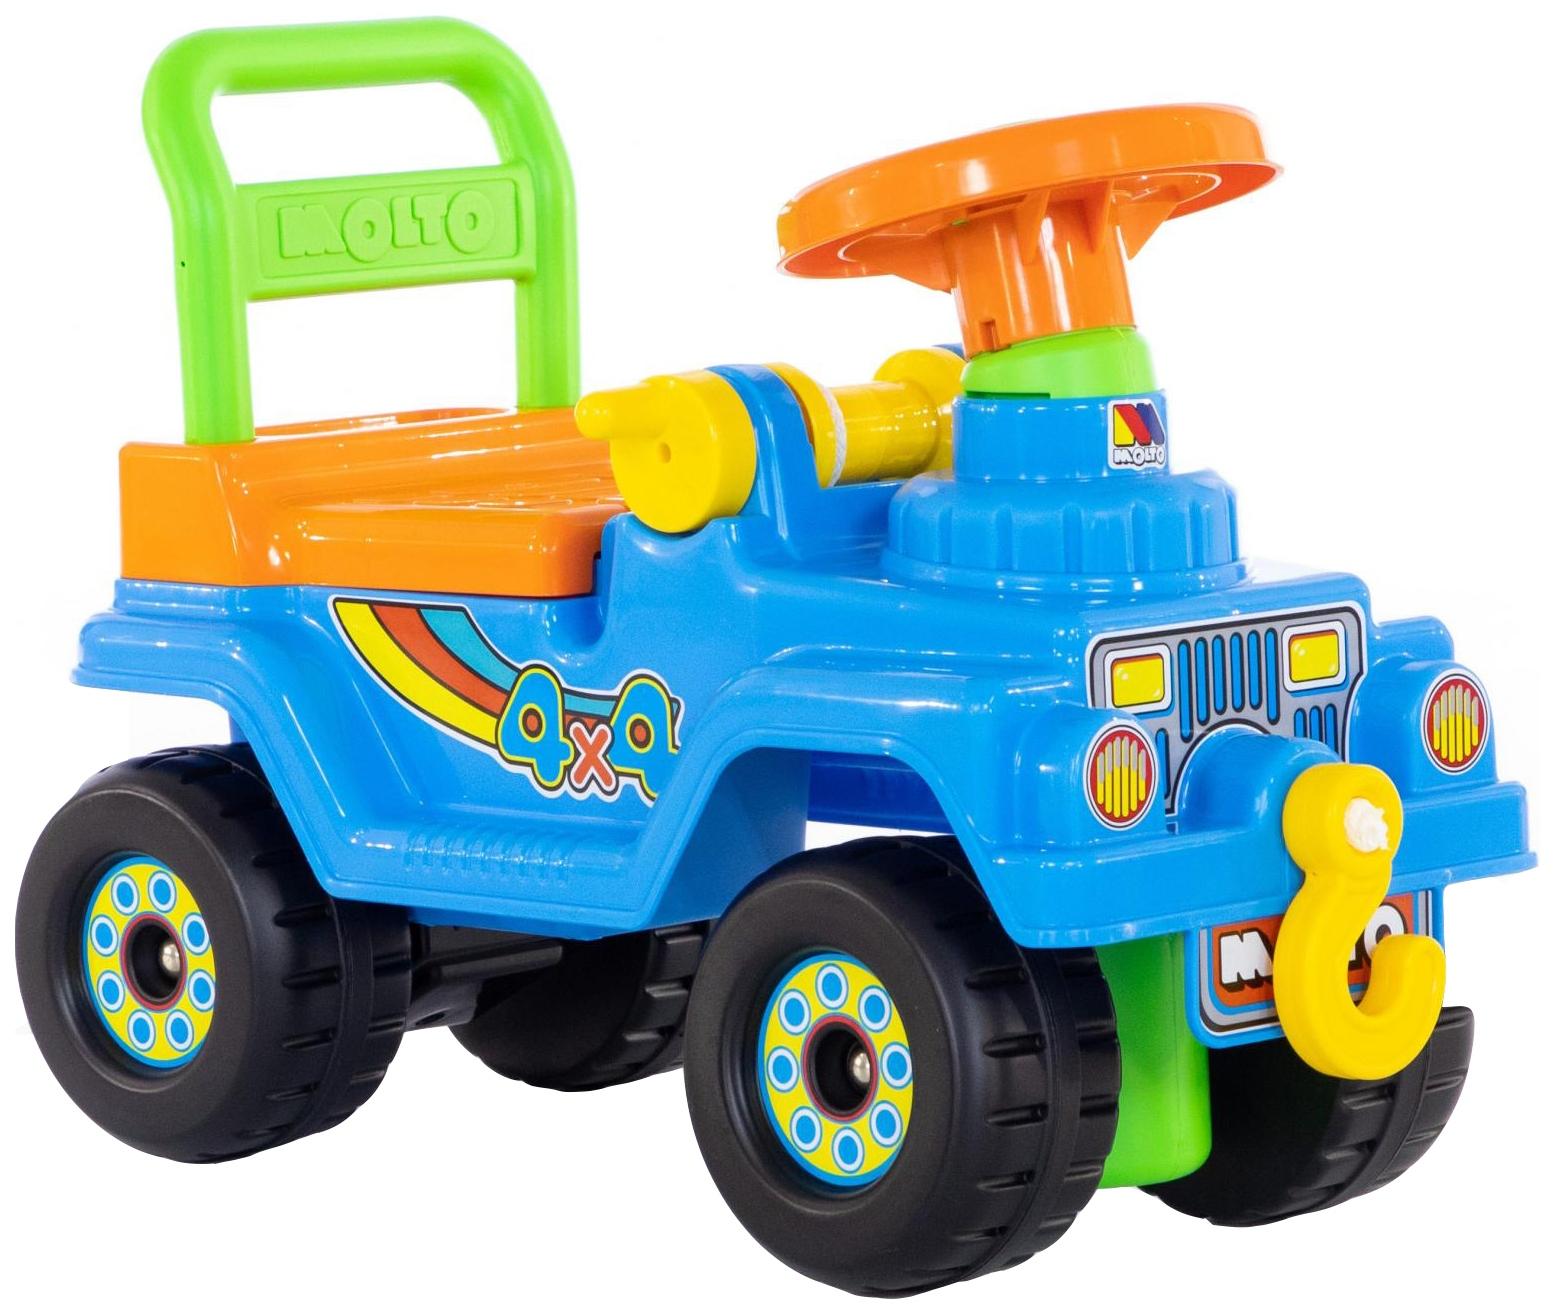 Купить Детский транспорт, Машина-каталка Полесье Джип 4х4 № 2 Голубой без звукового сигнала, Molto, Машинки каталки